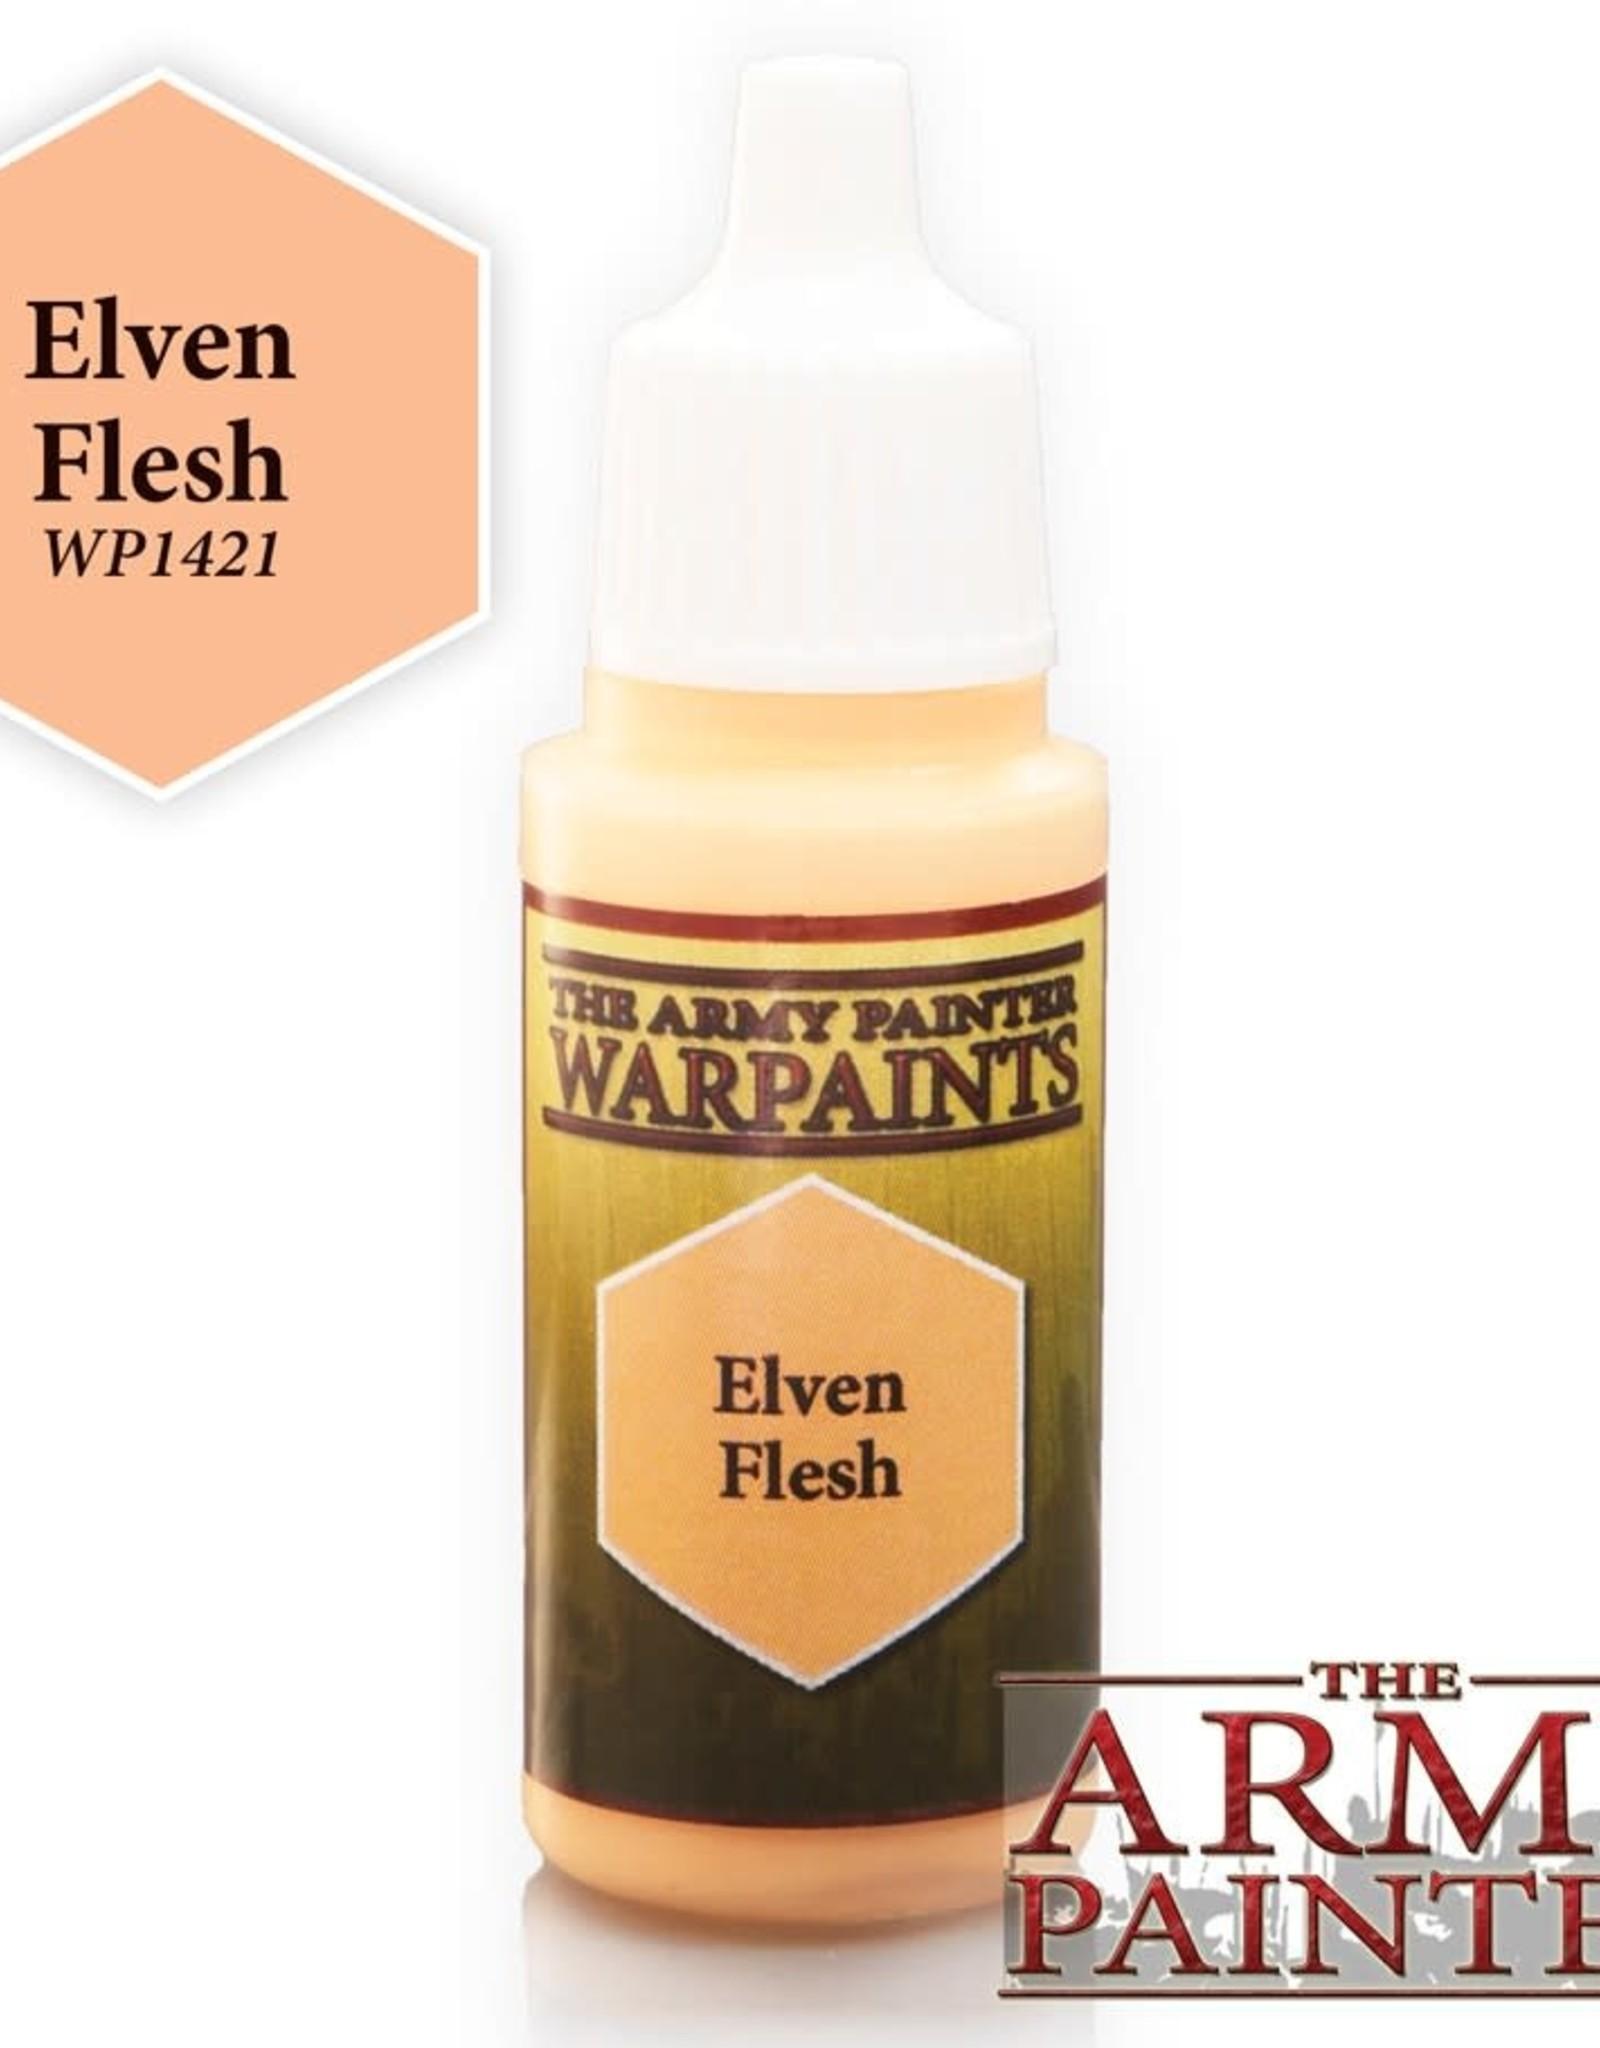 Warpaints: Elven Flesh